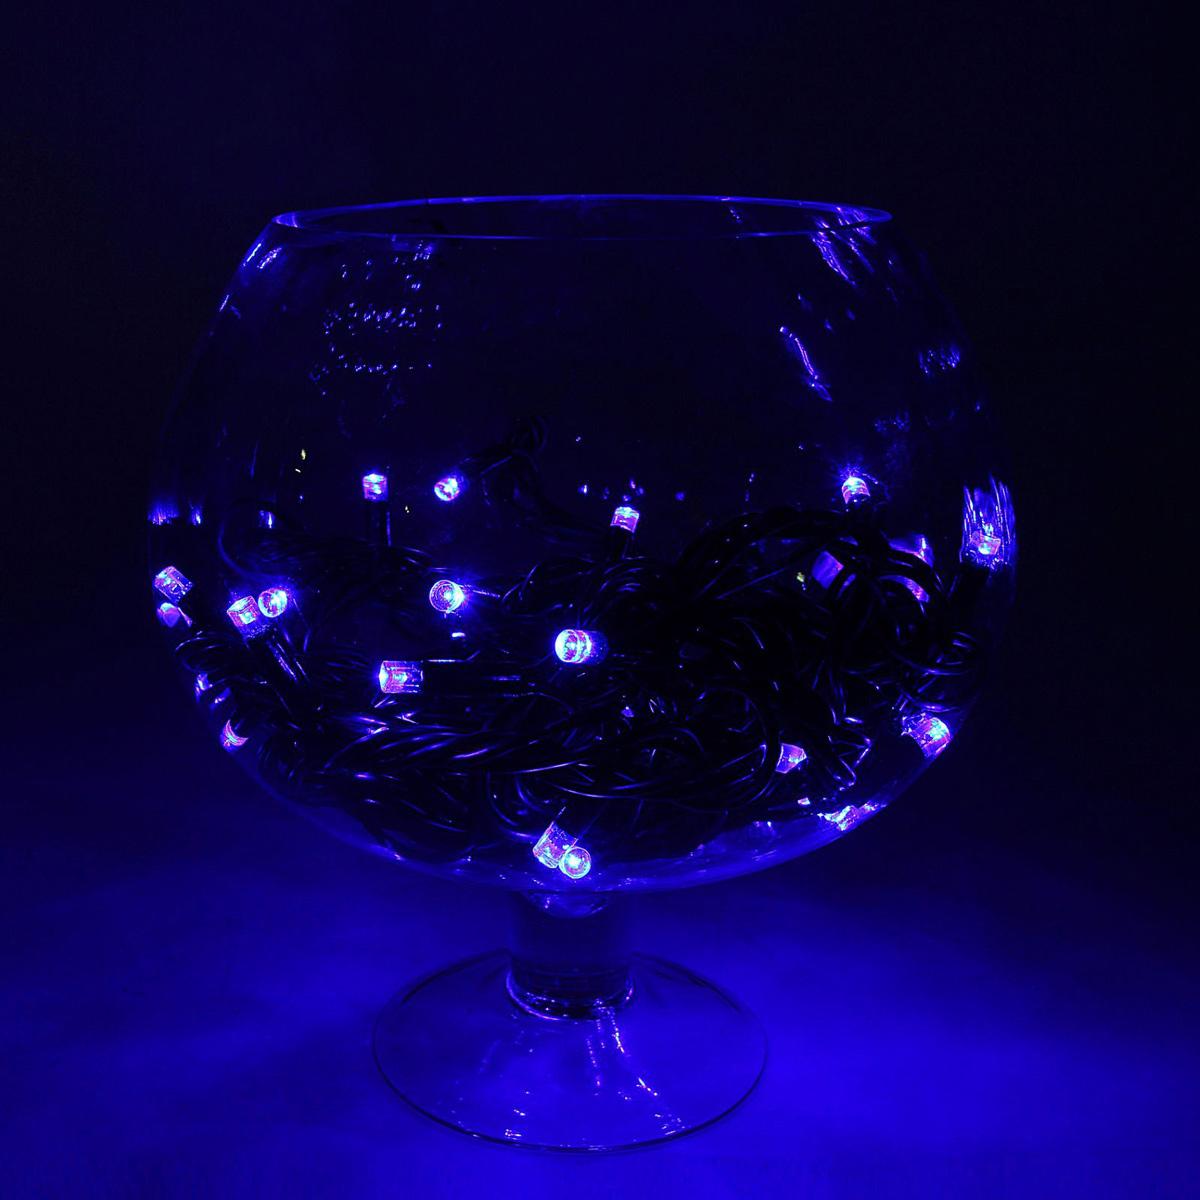 Гирлянда светодиодная Luazon Метраж. Каучук, уличная, 100 ламп, 220 V, 10 м, цвет: синий. 10806311080631Светодиодные гирлянды, ленты и т.д. — это отличный вариант для новогоднего оформления интерьера или фасада. С их помощью помещение любого размера можно превратить в праздничный зал, а внешние элементы зданий, украшенные ими, мгновенно станут напоминать очертания сказочного дворца. Такие украшения создают ауру предвкушения чуда. Деревья, фасады, витрины, окна и арки будто специально созданы, чтобы вы украсили их светящимися нитями.